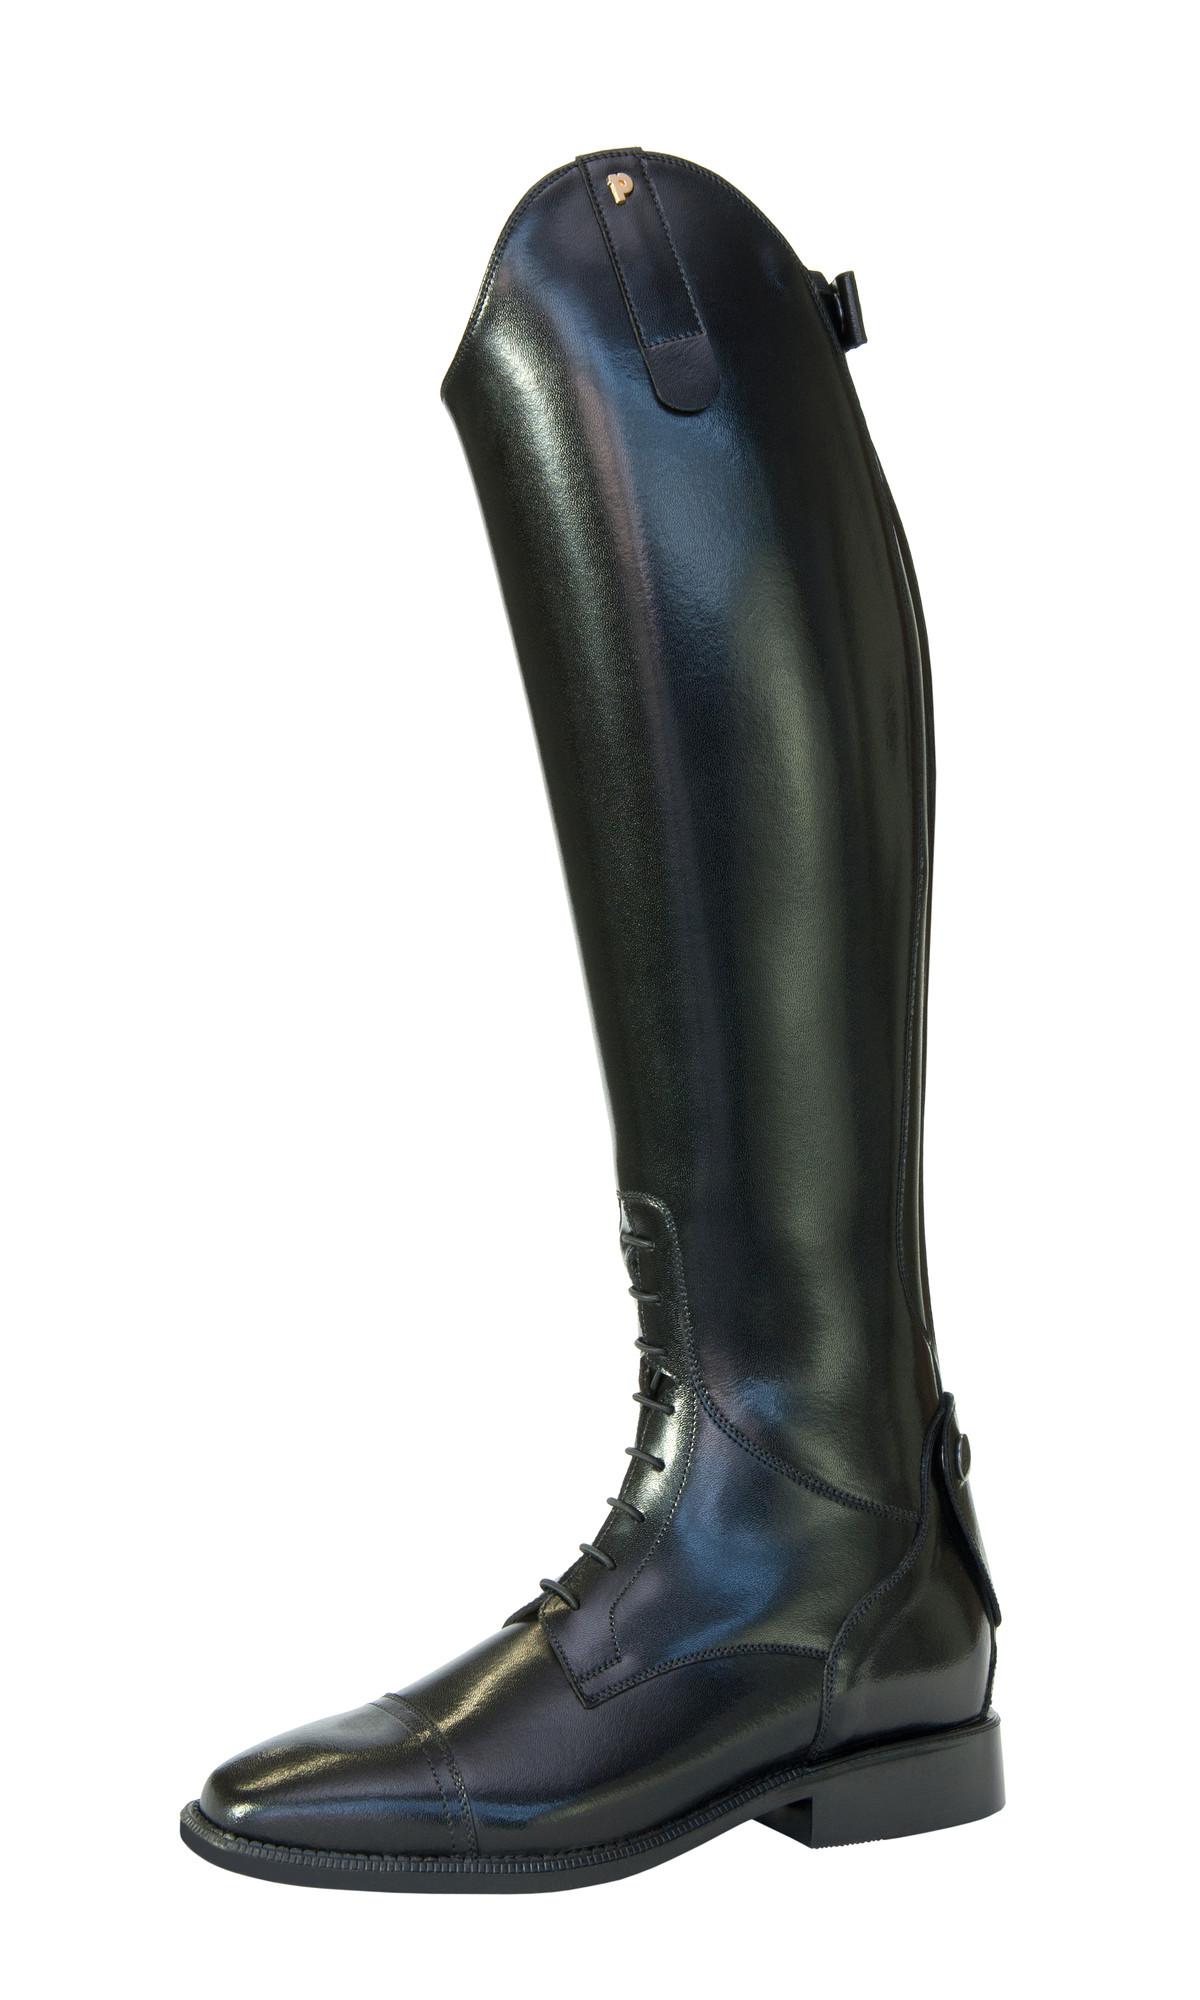 Petrie Melbourne rijlaars zwart maat:5 n